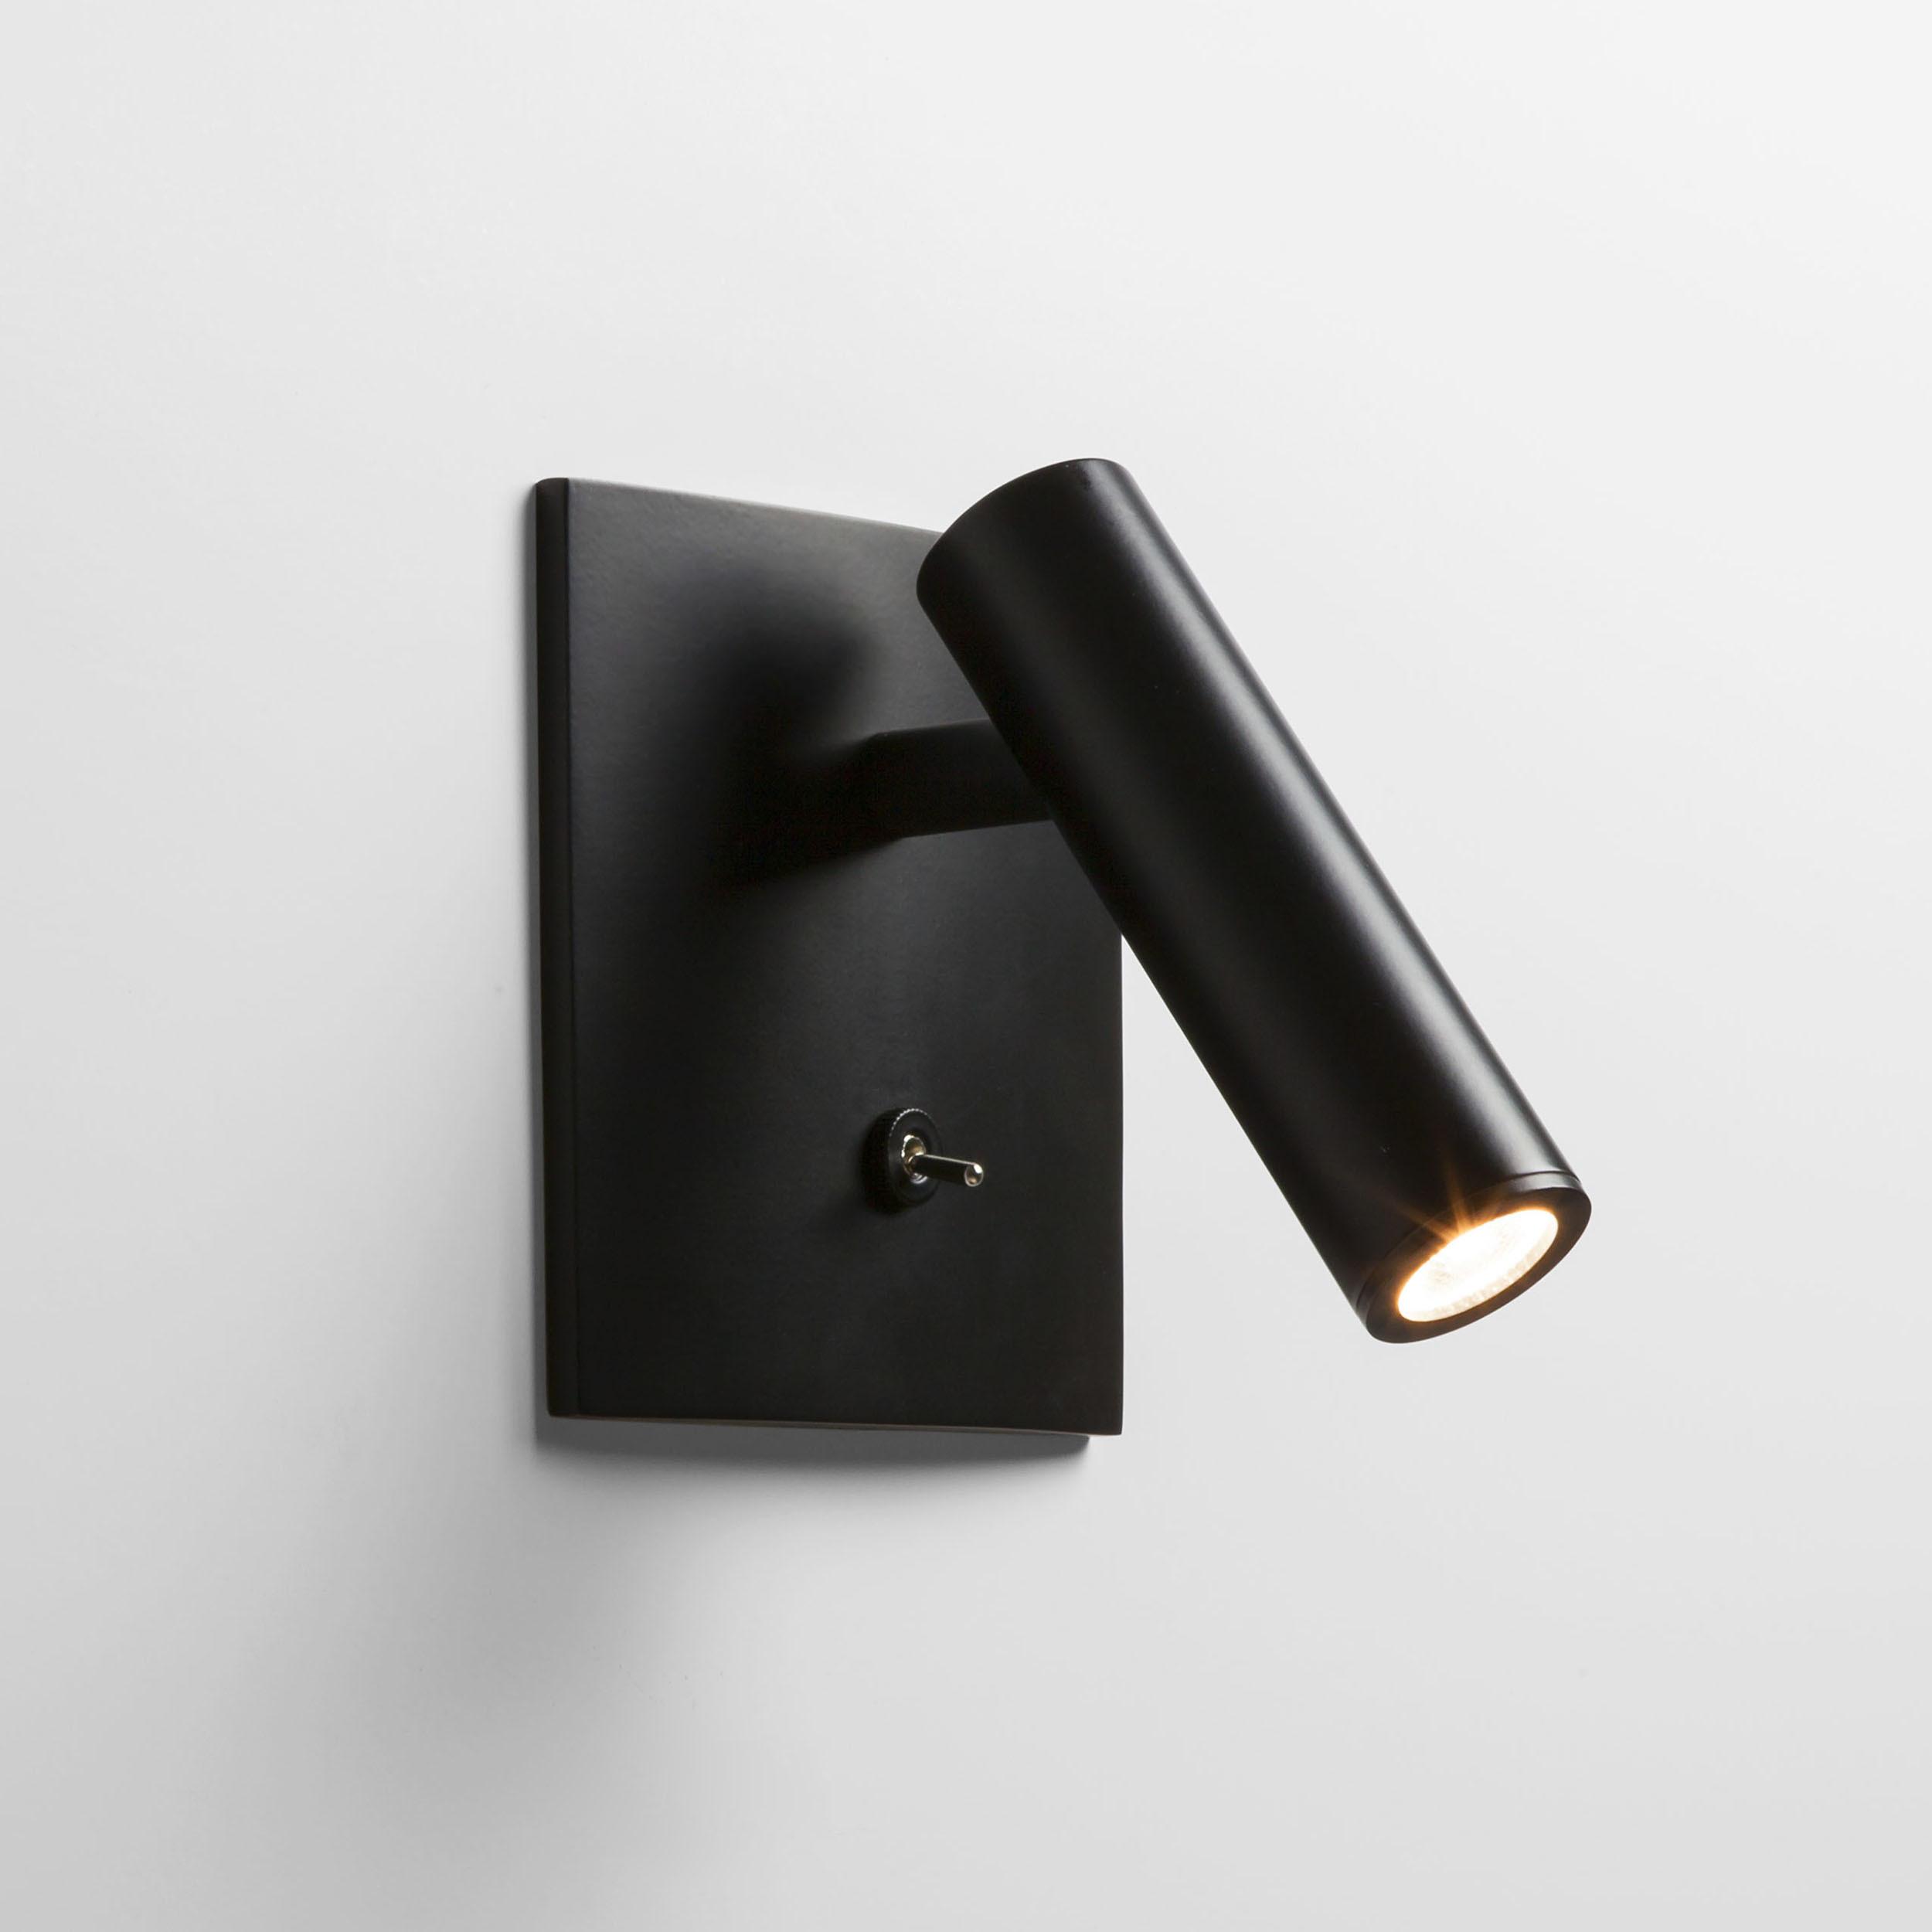 Встраиваемый настенный светодиодный светильник с регулировкой направления света Astro Enna 1058024 (7496), LED 4,47W 2700K 111.44lm CRI80, черный, металл - фото 1